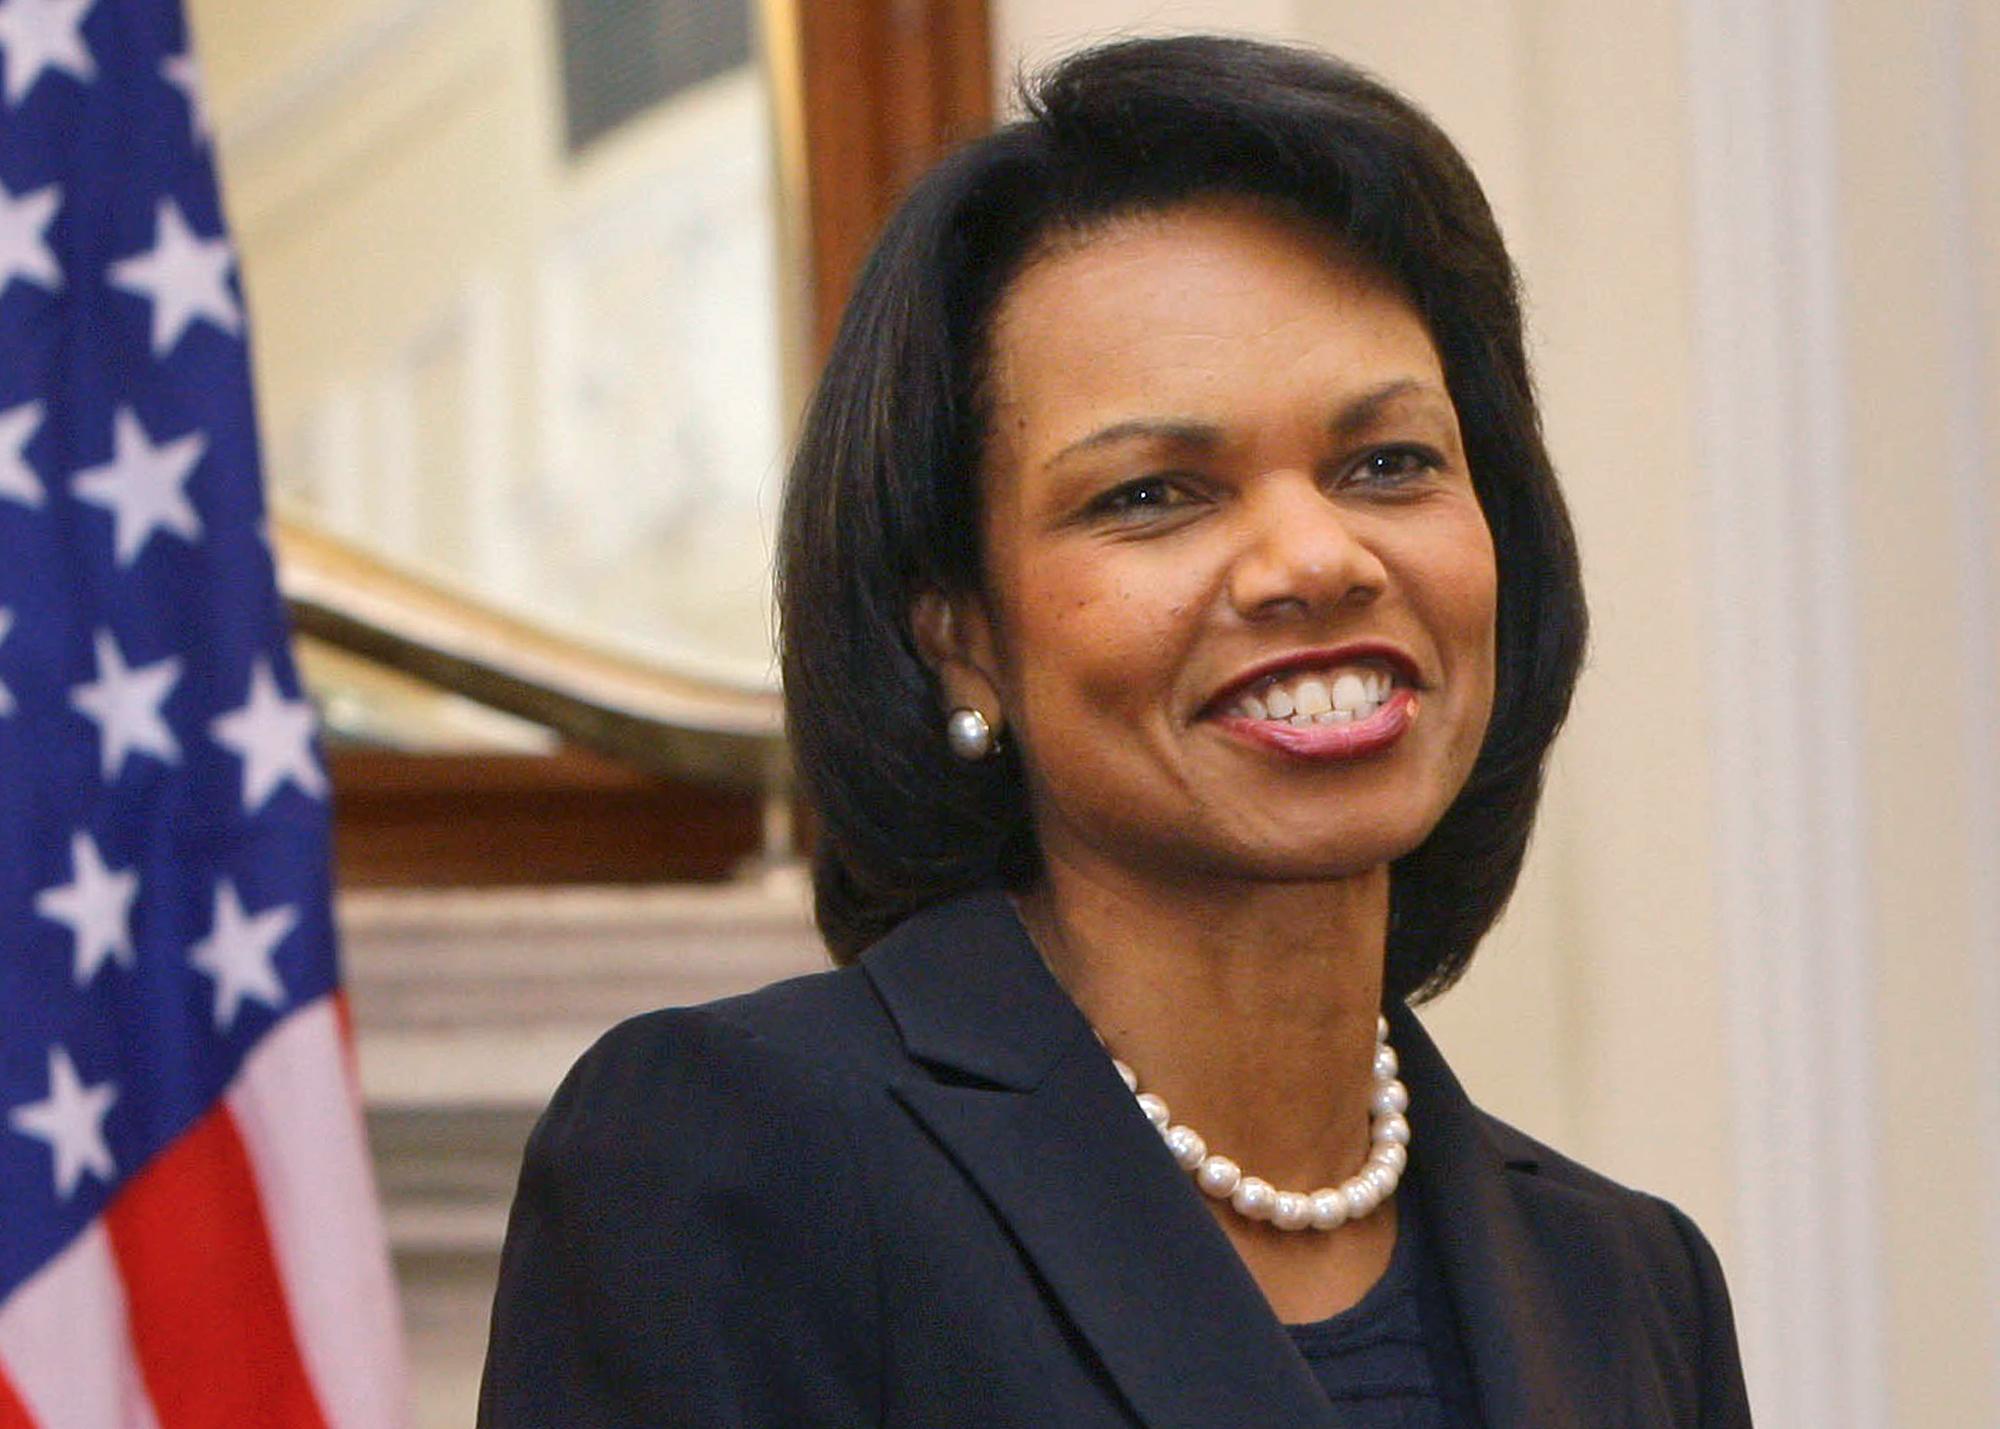 Condoleezza Rice smiling (© AP Images)